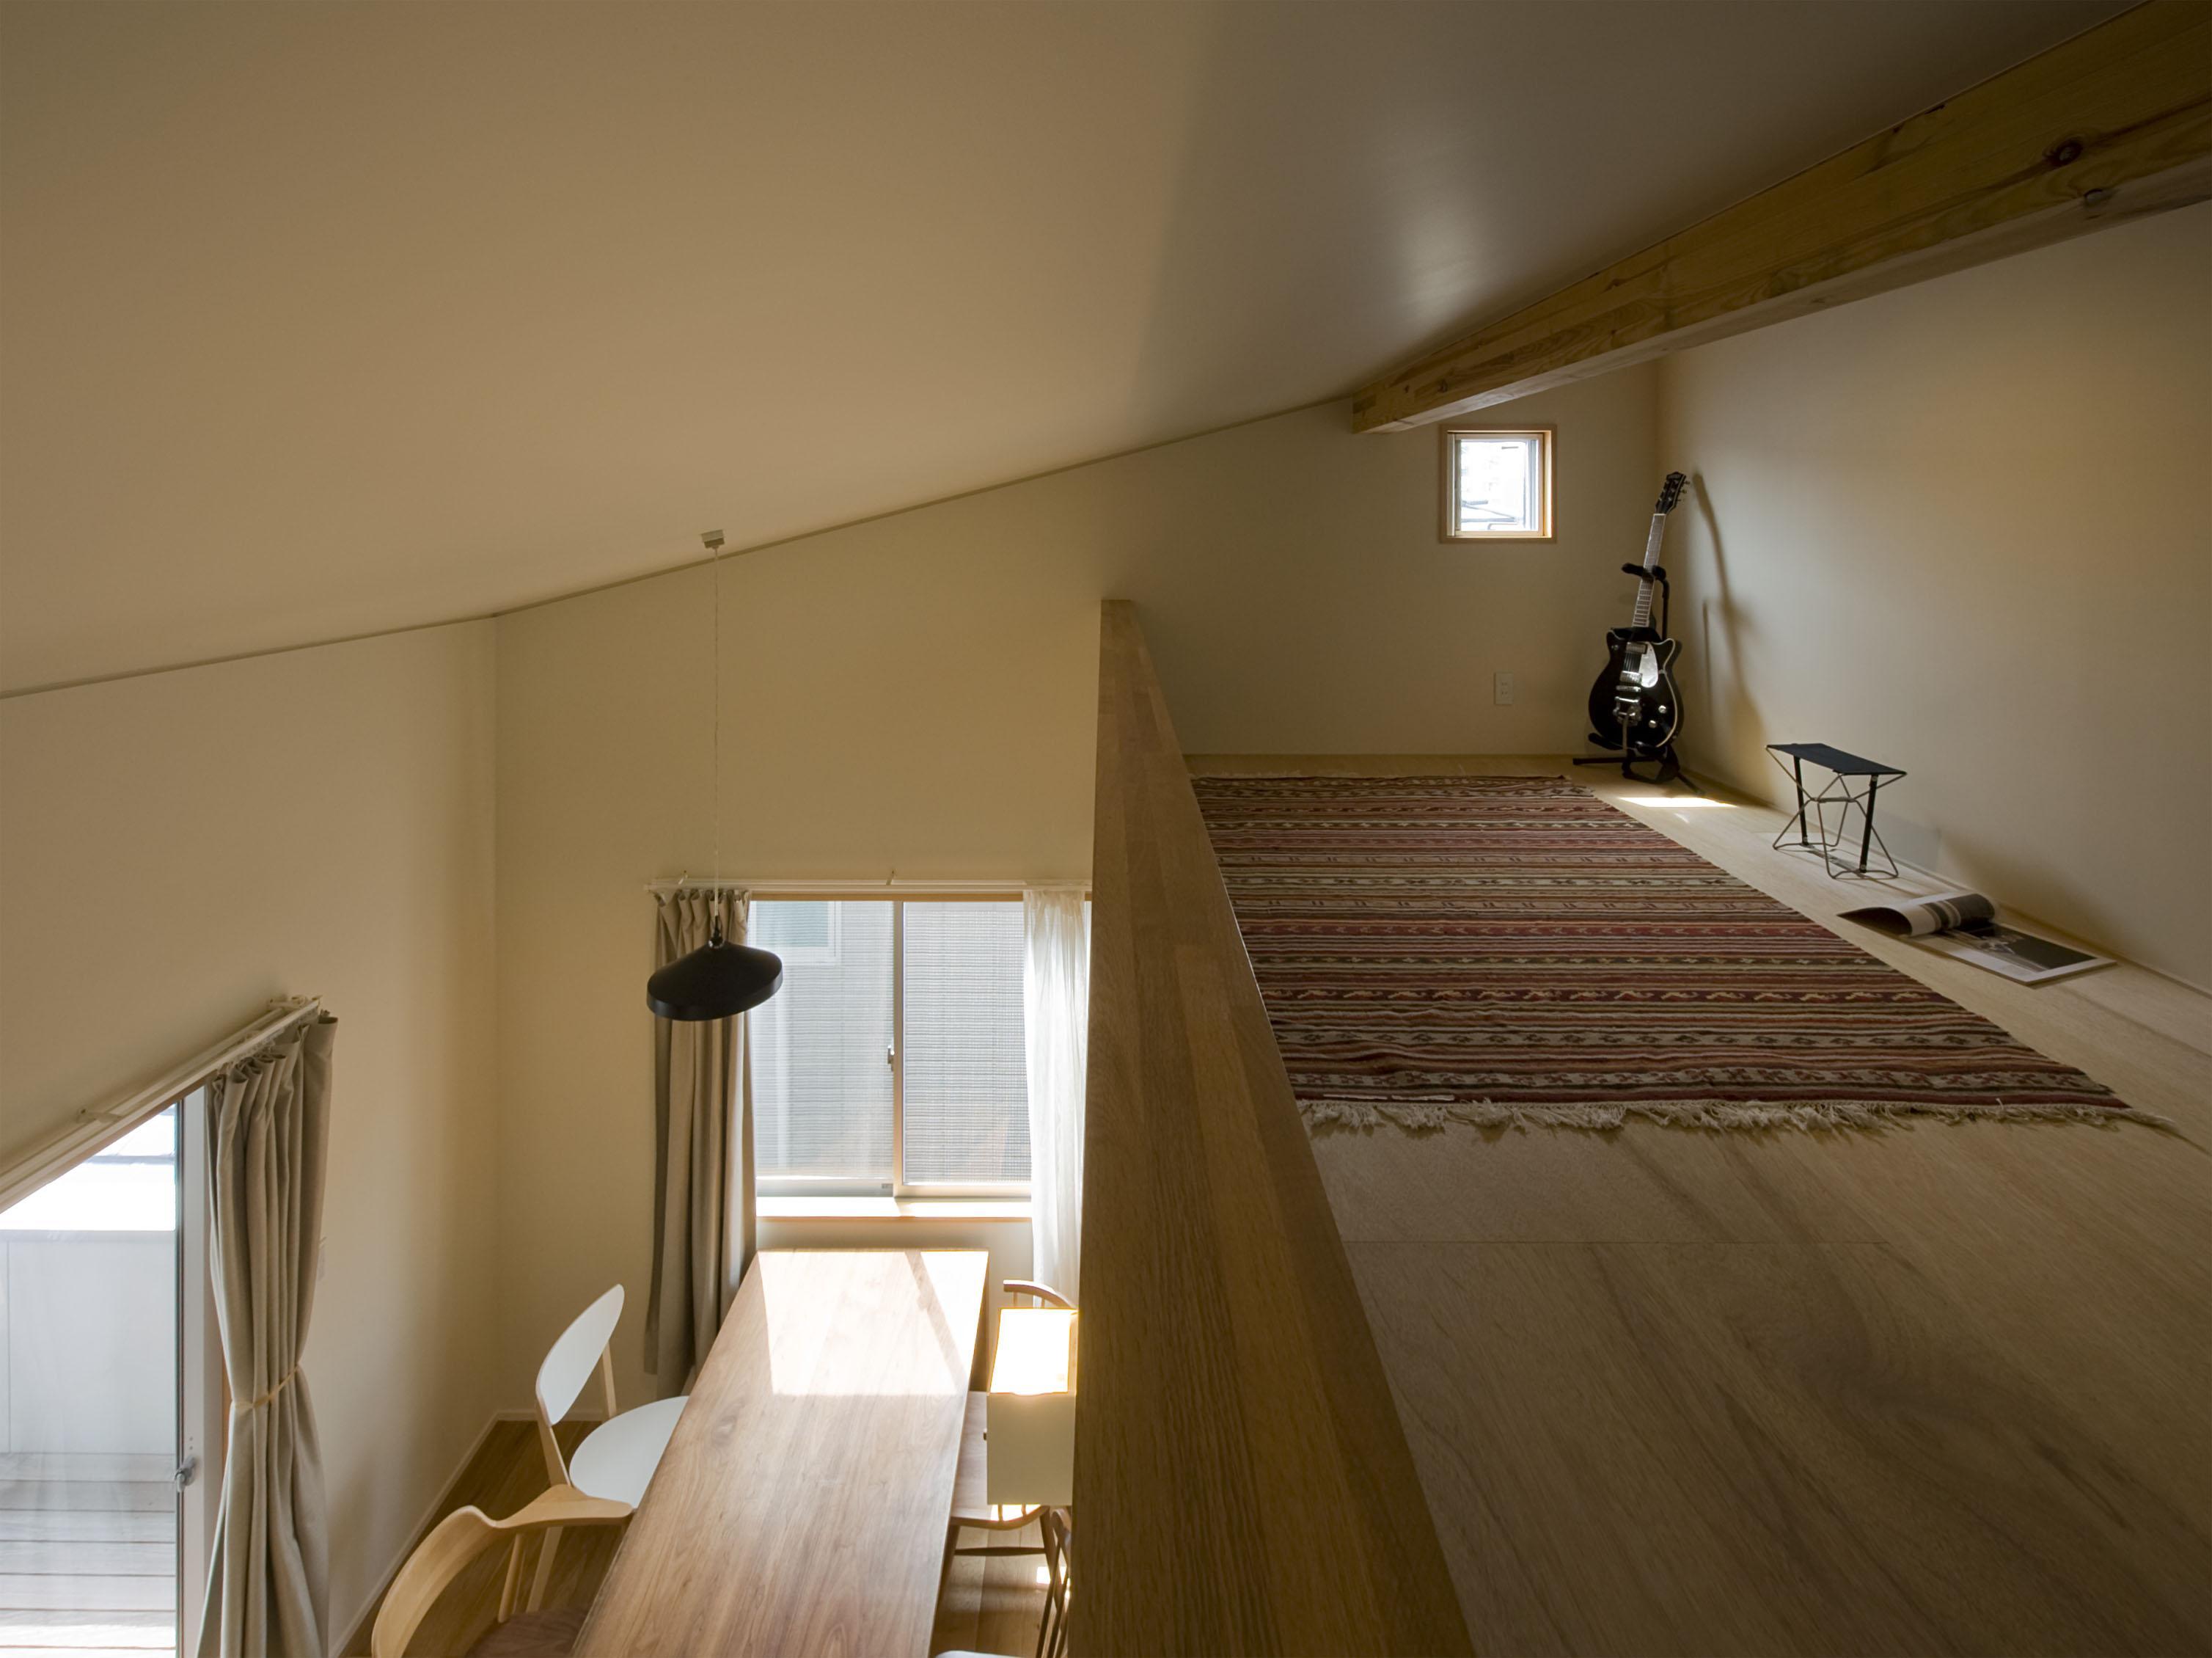 建築家:谷村 茂「2階が生活拠点のシンプルな家」